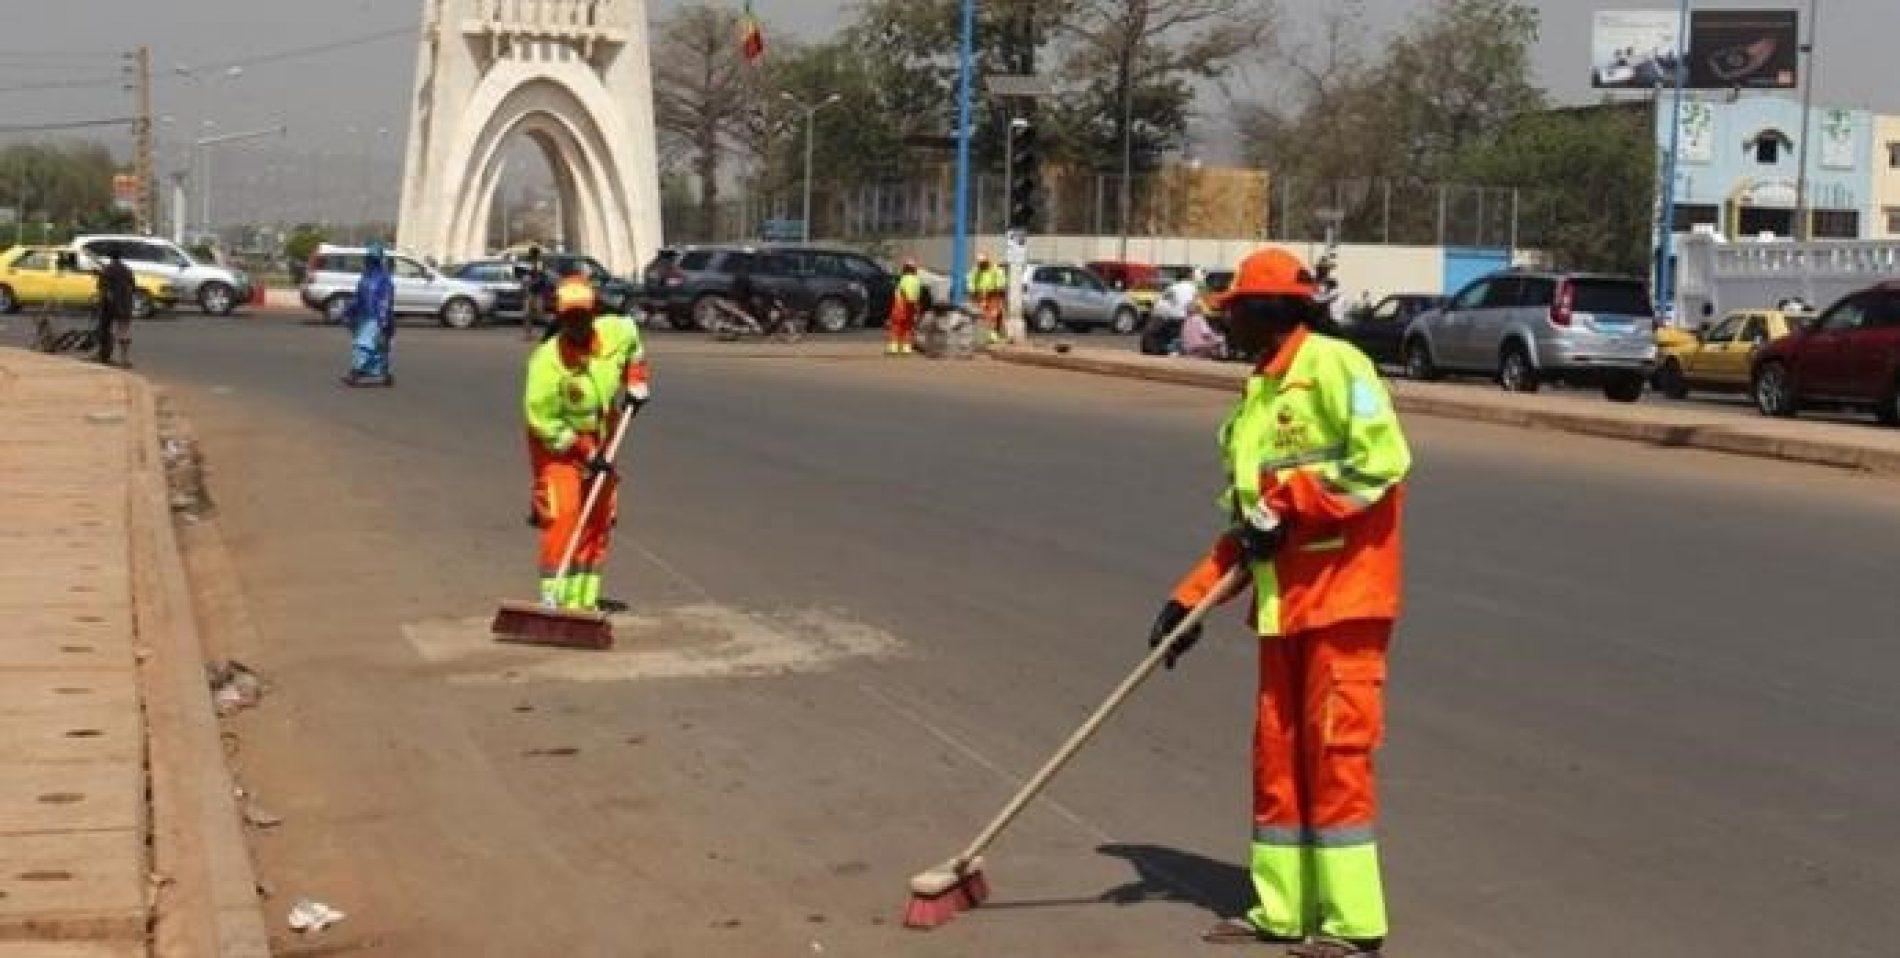 Assainissement urbain : Les factures impayées découragent le personnel d'Ozone-Mali